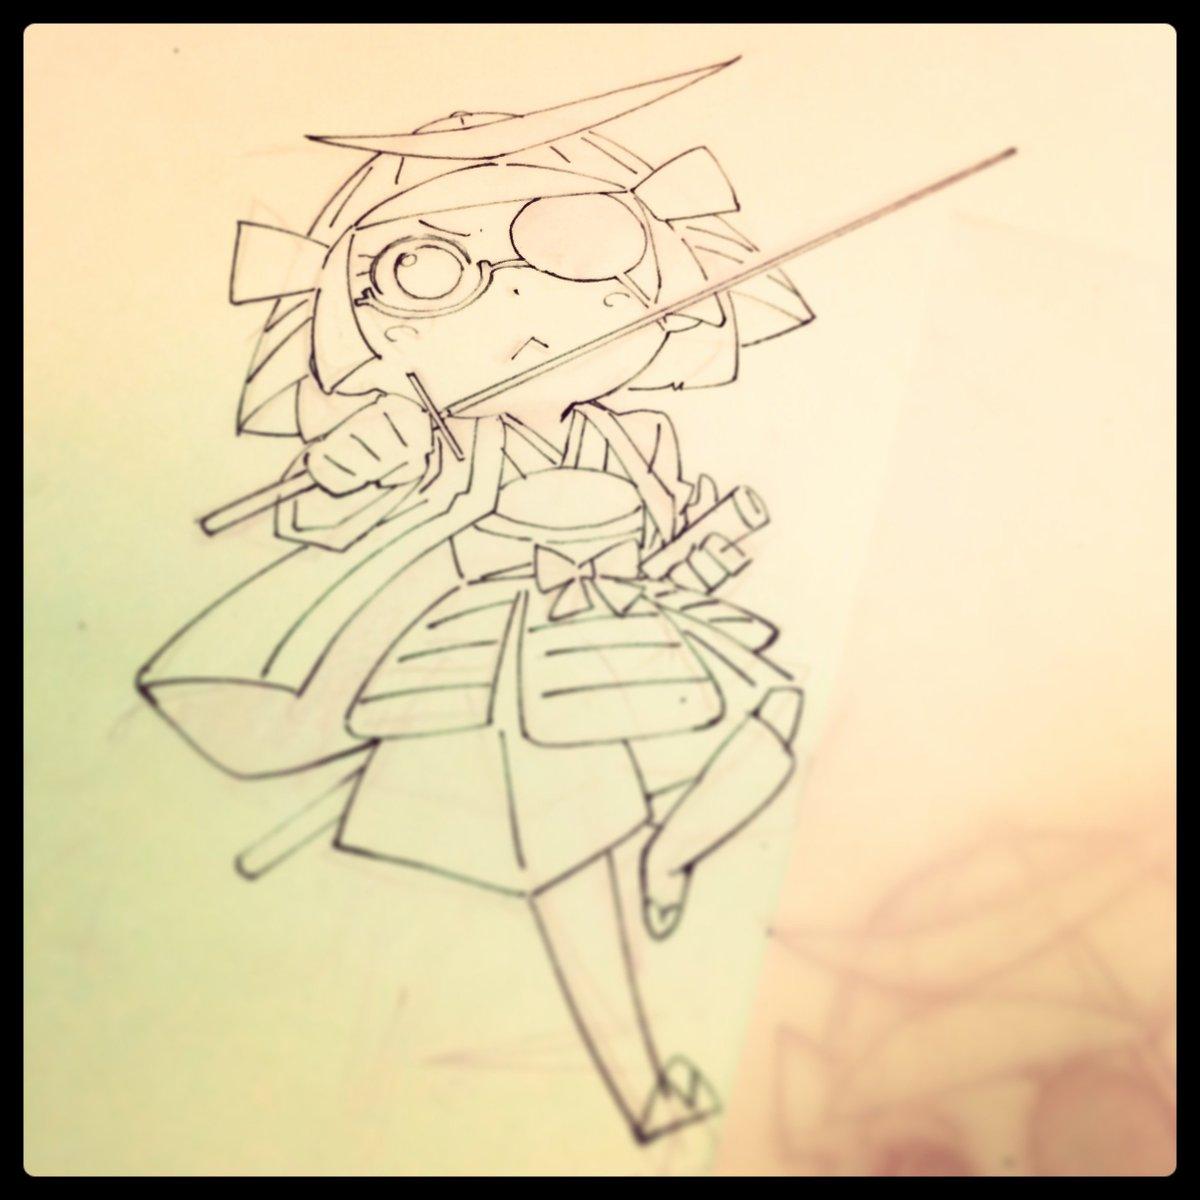 自分がアニメ用でデザインしたのが原作に逆輸入みたいになるのウレシイなぁ。前に着ぐるみ作られる前のはこんなんかなぁとラクガ